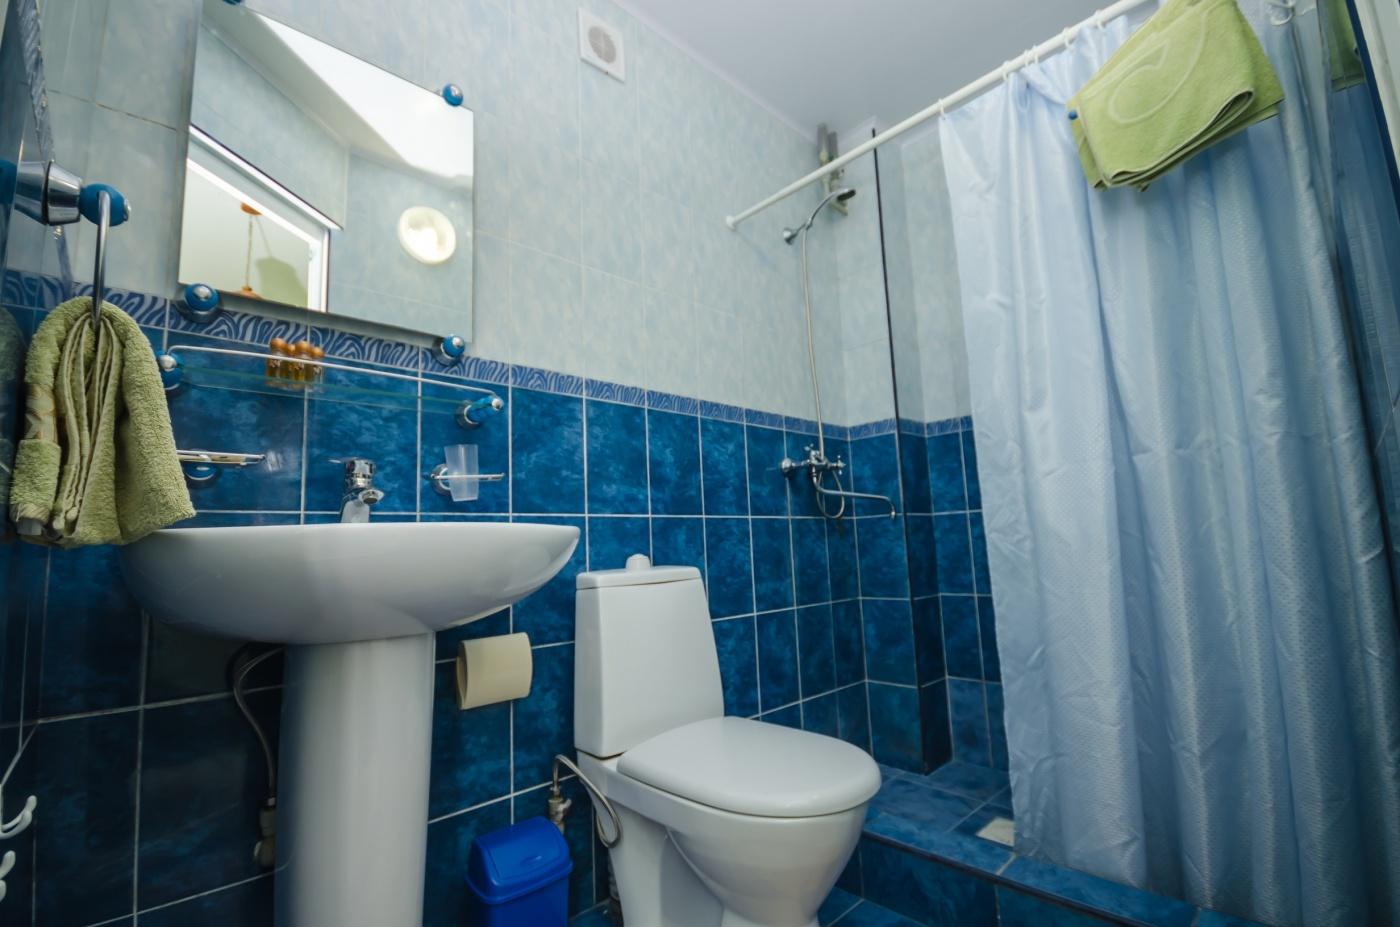 Гостевой дом «Гринвич» Республика Крым Стандарт в эко-стиле, фото 10